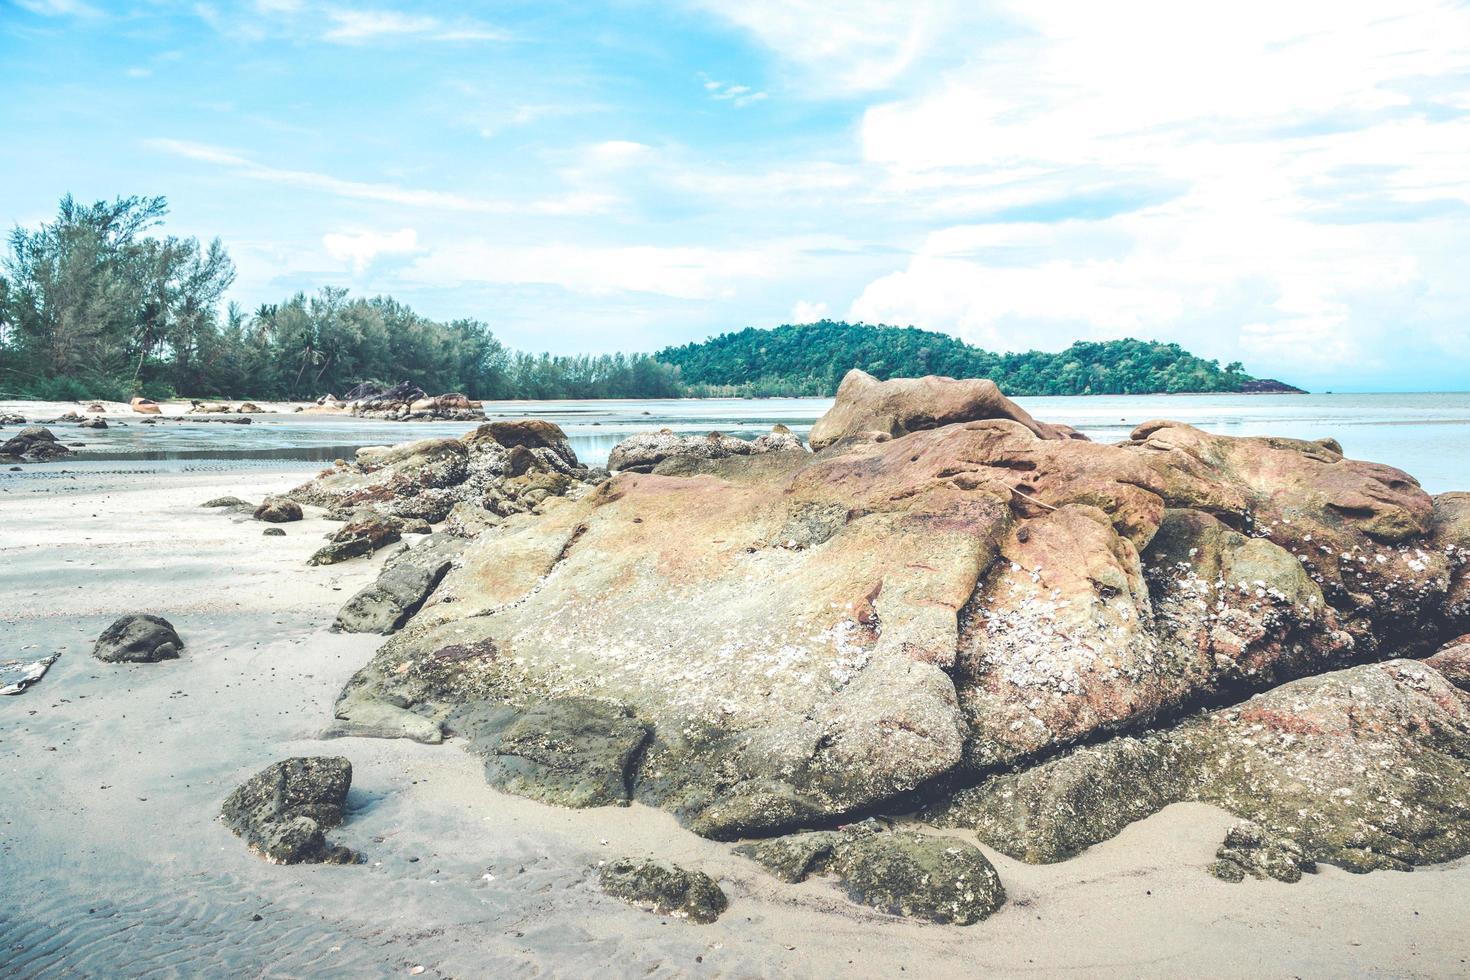 rocas en la playa con nublado cielo azul foto